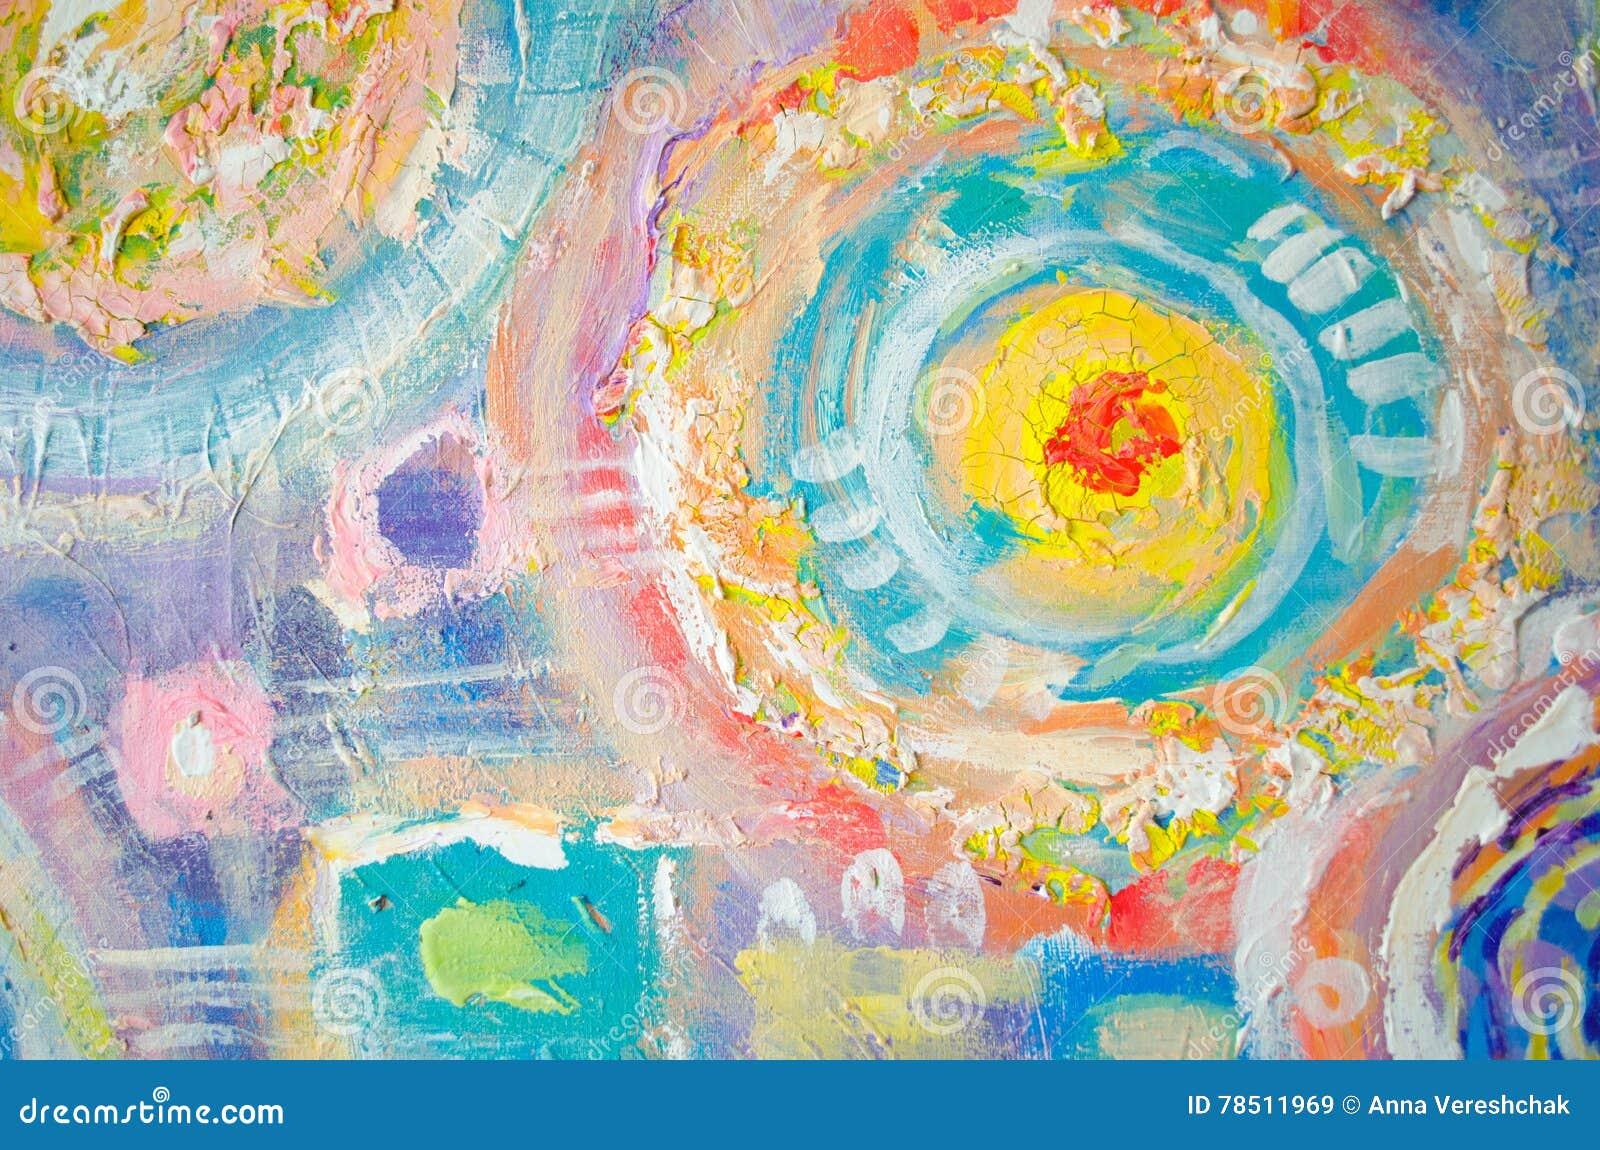 Αφηρημένη ζωηρόχρωμη ακρυλική ζωγραφική καμβάς Ανασκόπηση Grunge Μονάδες σύστασης κτυπήματος βουρτσών καλλιτεχνική ανασκόπηση